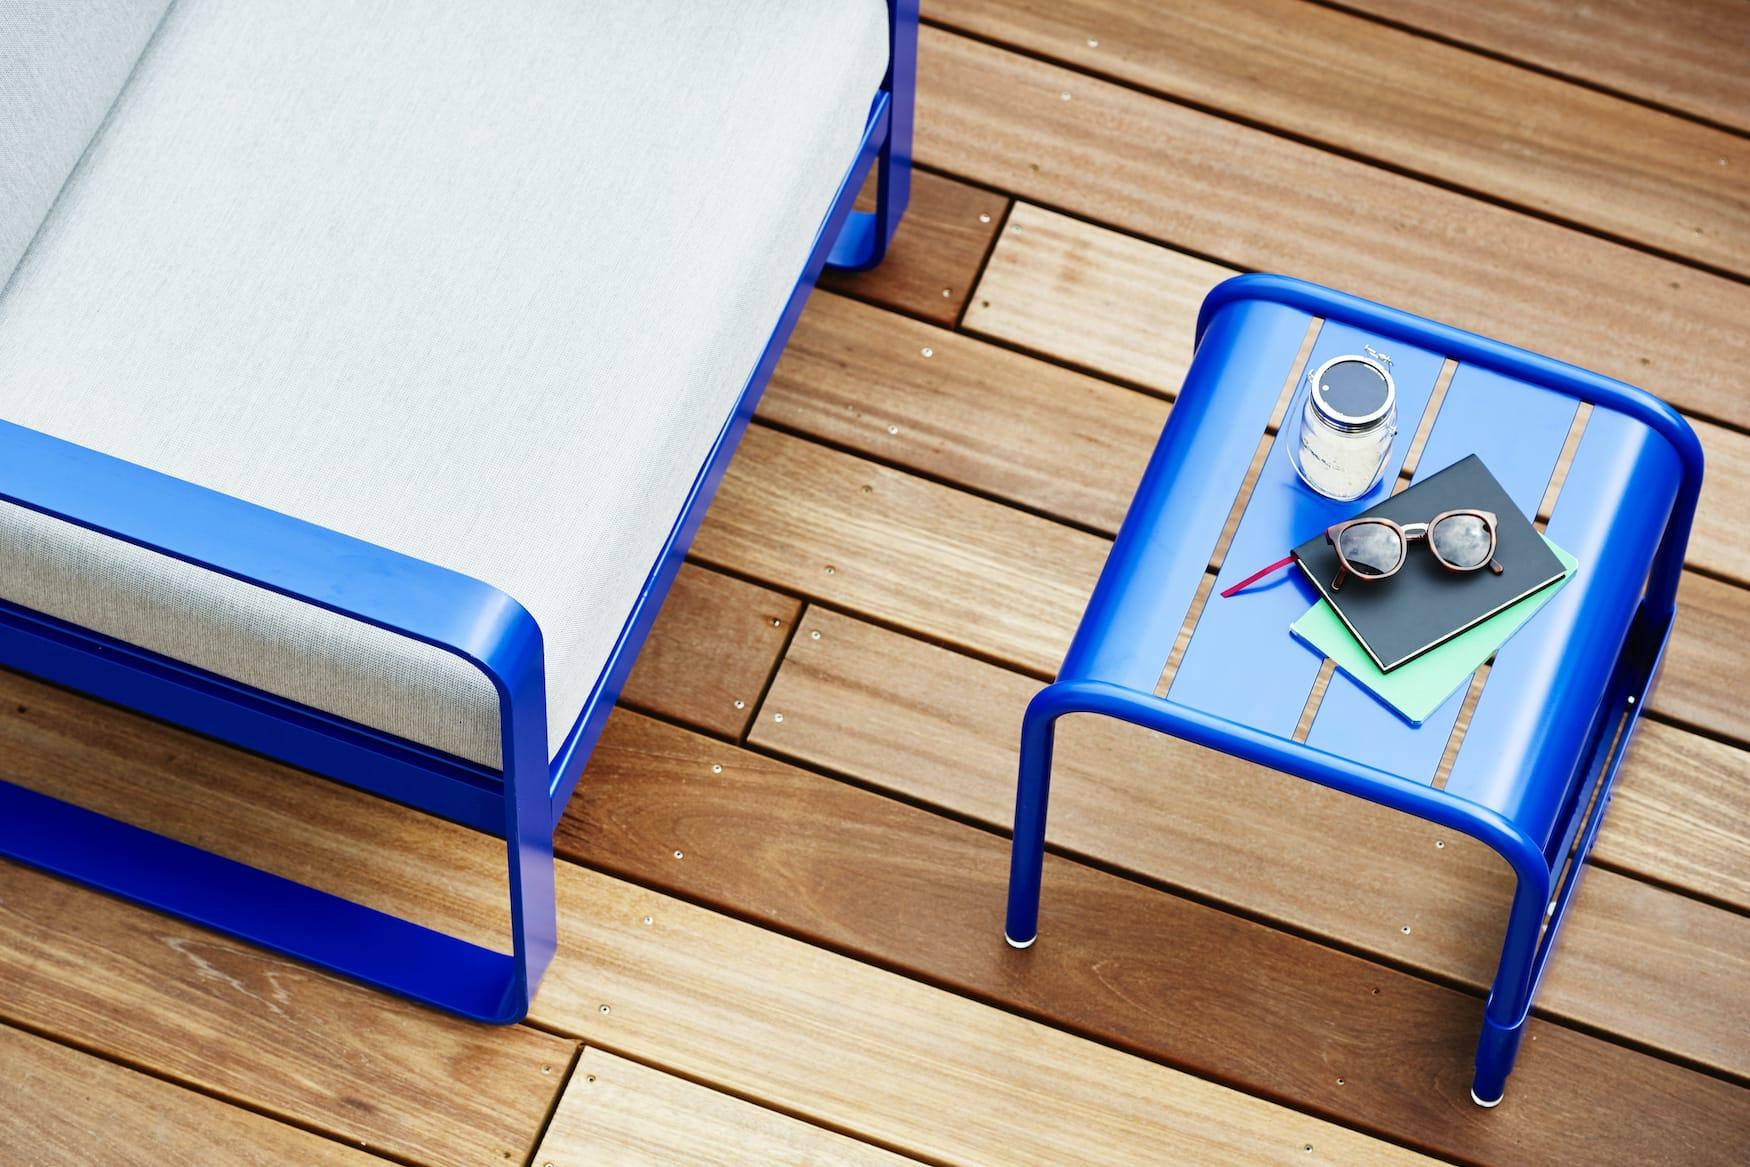 Blauer Balkontisch, ein toller Einrichtungsgegenstand, den wir direkt für unser Zuhause haben wollen